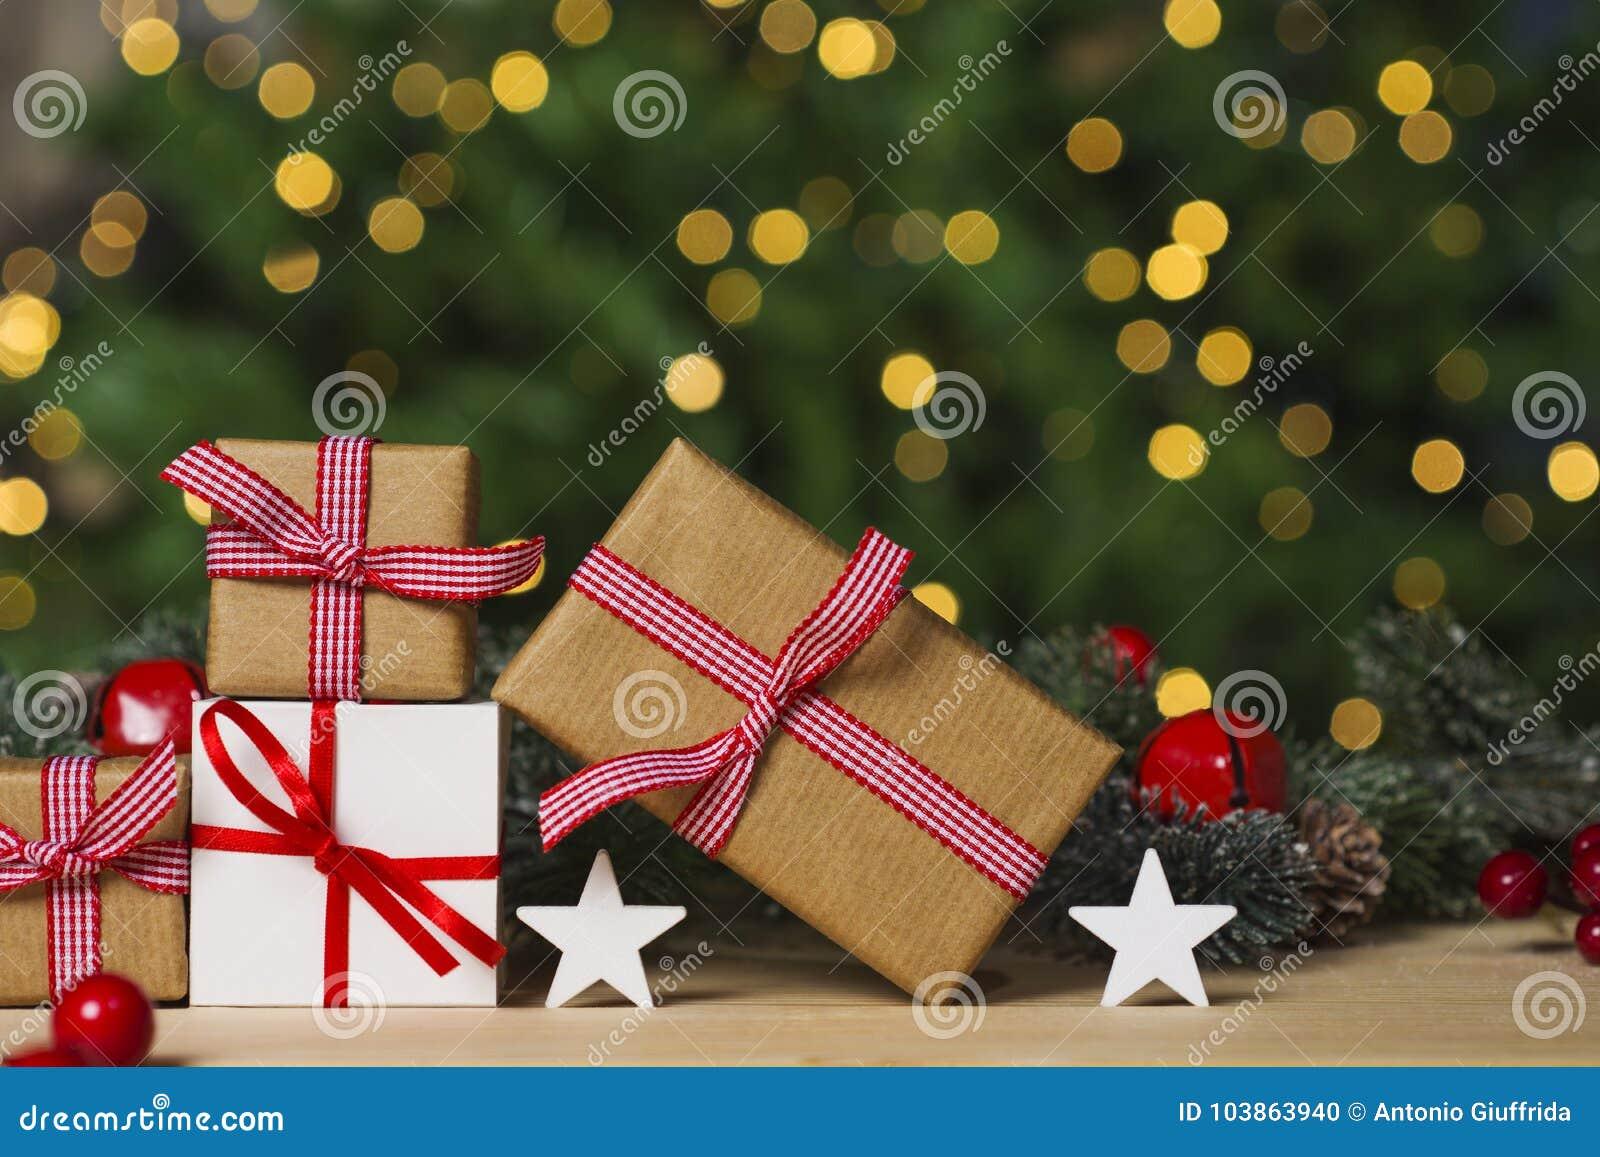 Kerstmisgiften en ornament op lijst, lichten bokeh achtergrond